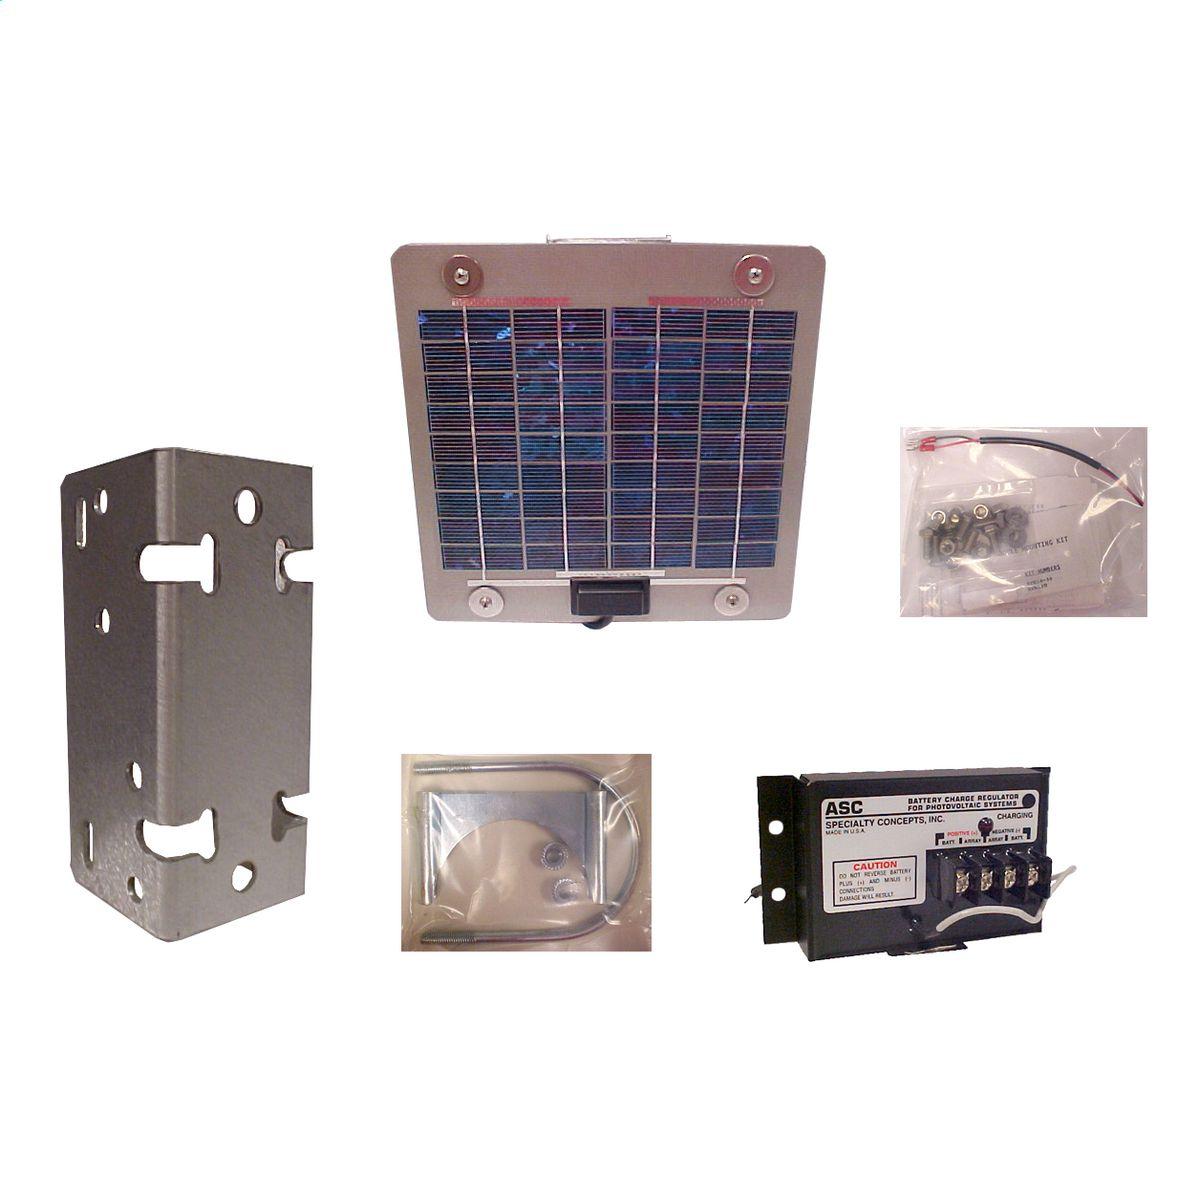 Solar Panel Kit For Rf Call Box Spk100 Gai Tronics